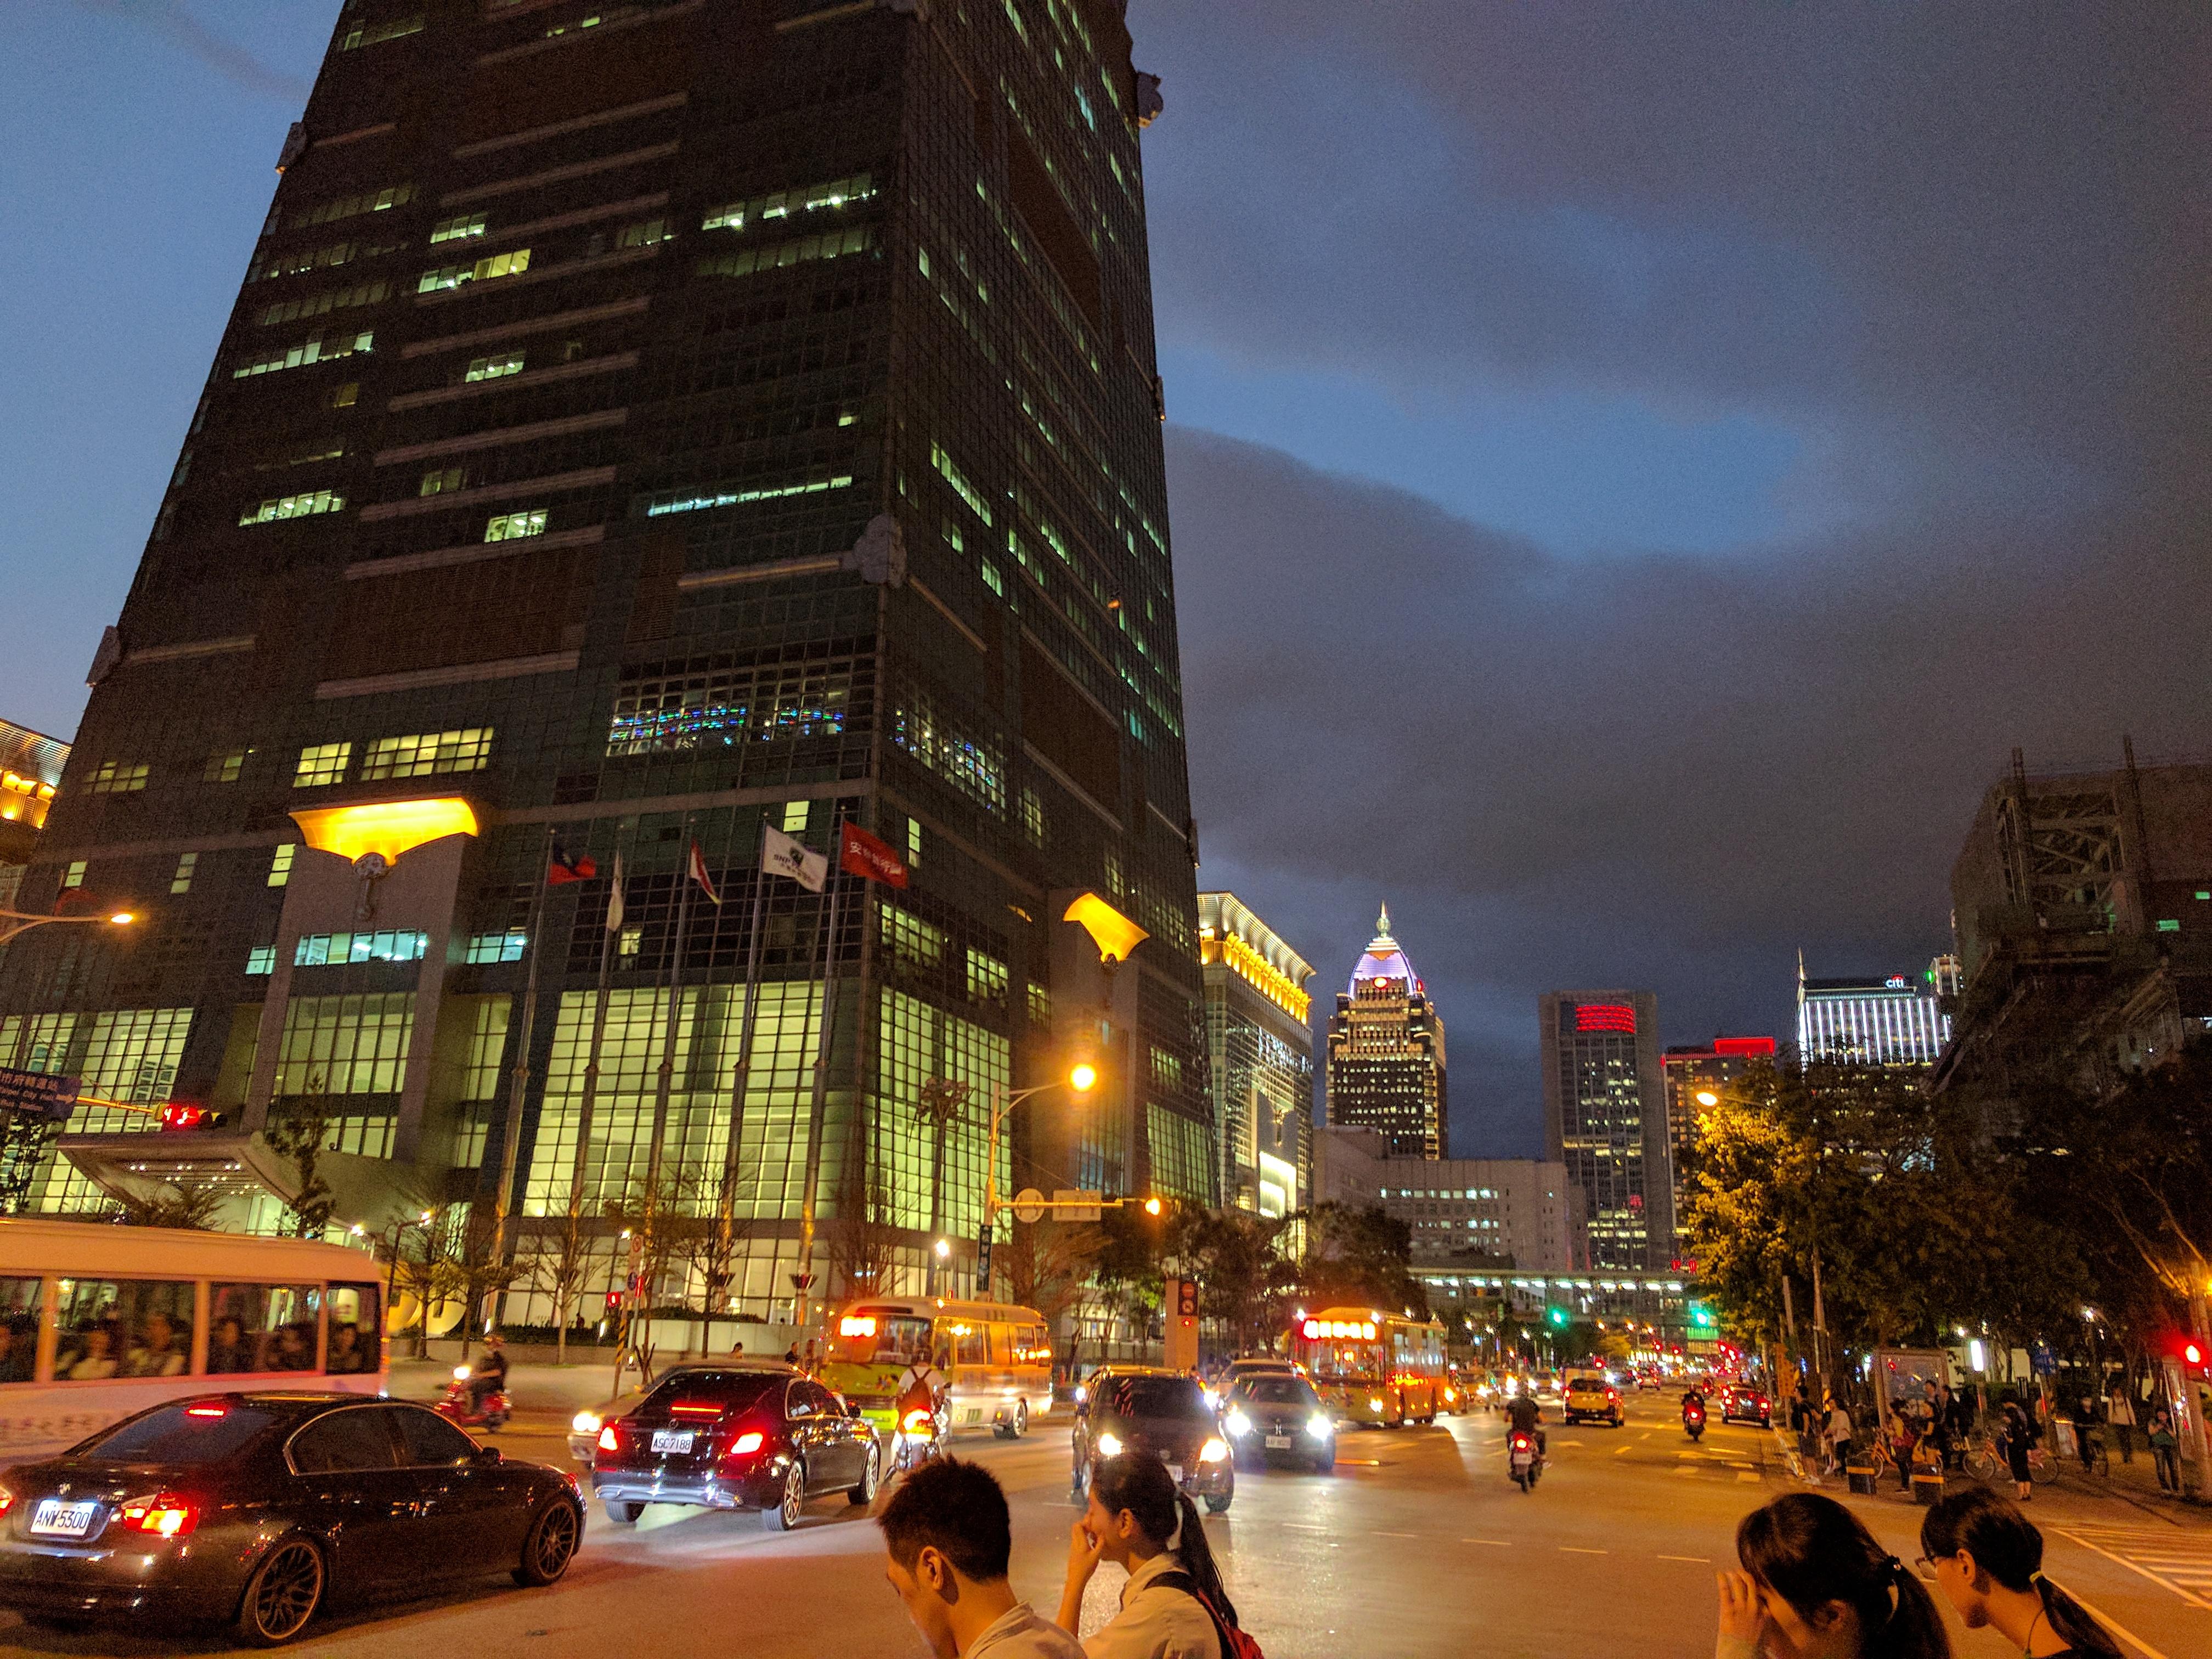 燈火通明的台北,人們彼此的心靈要如何交流?